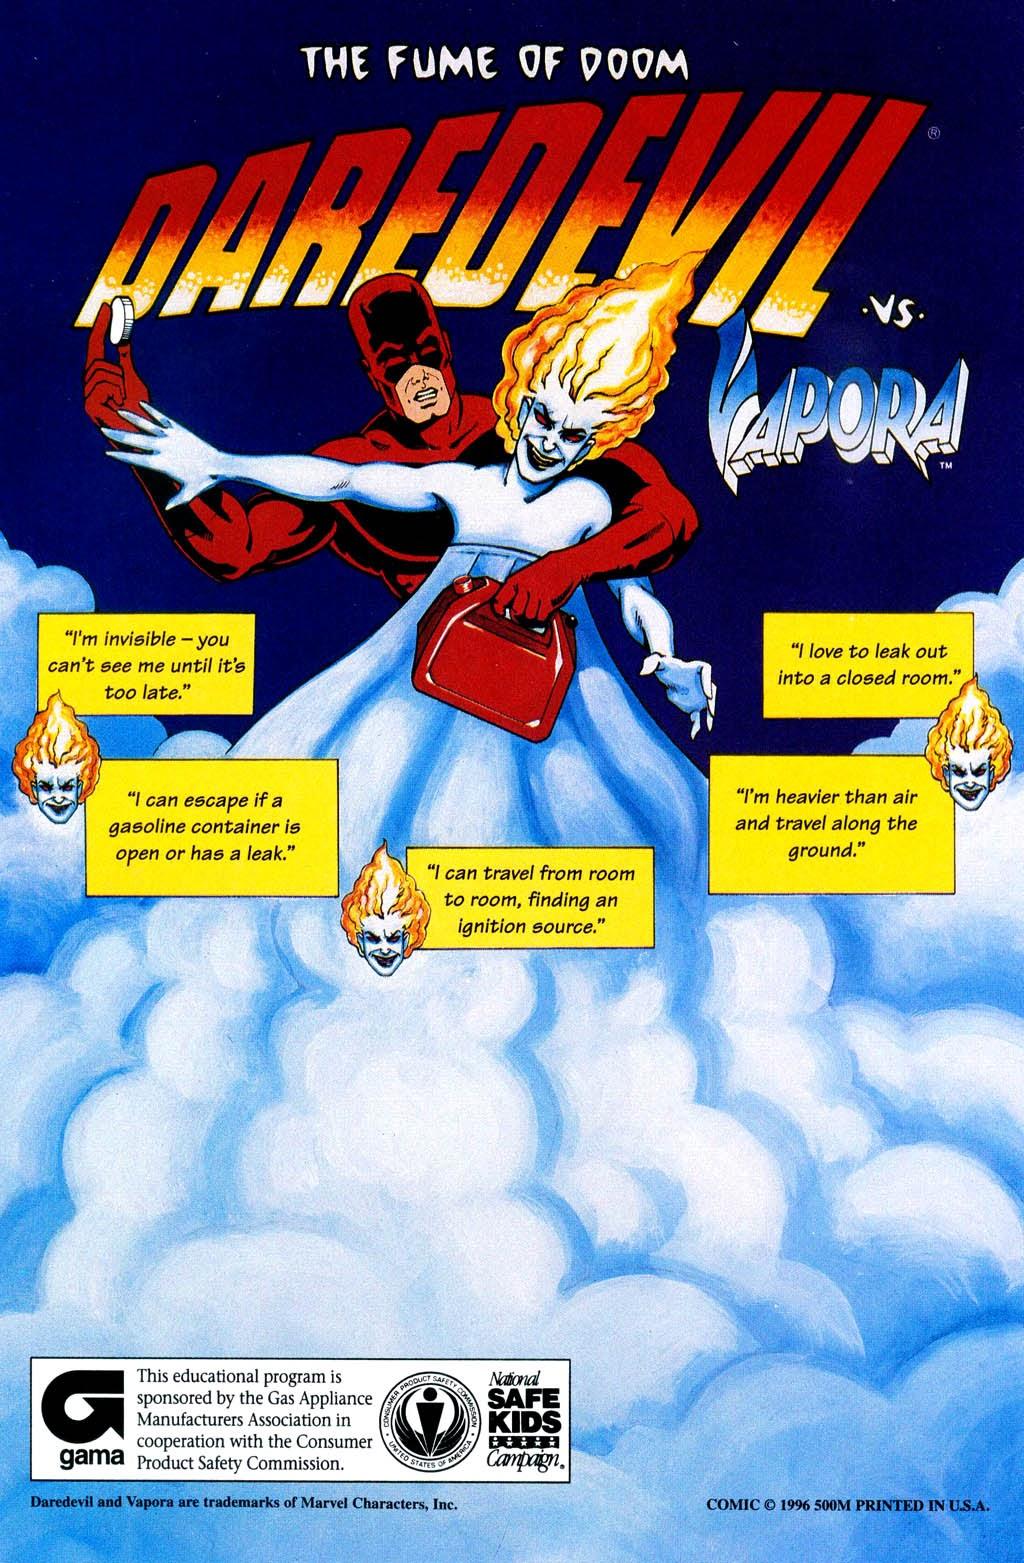 Read online Daredevil vs. Vapora comic -  Issue # Full - 20